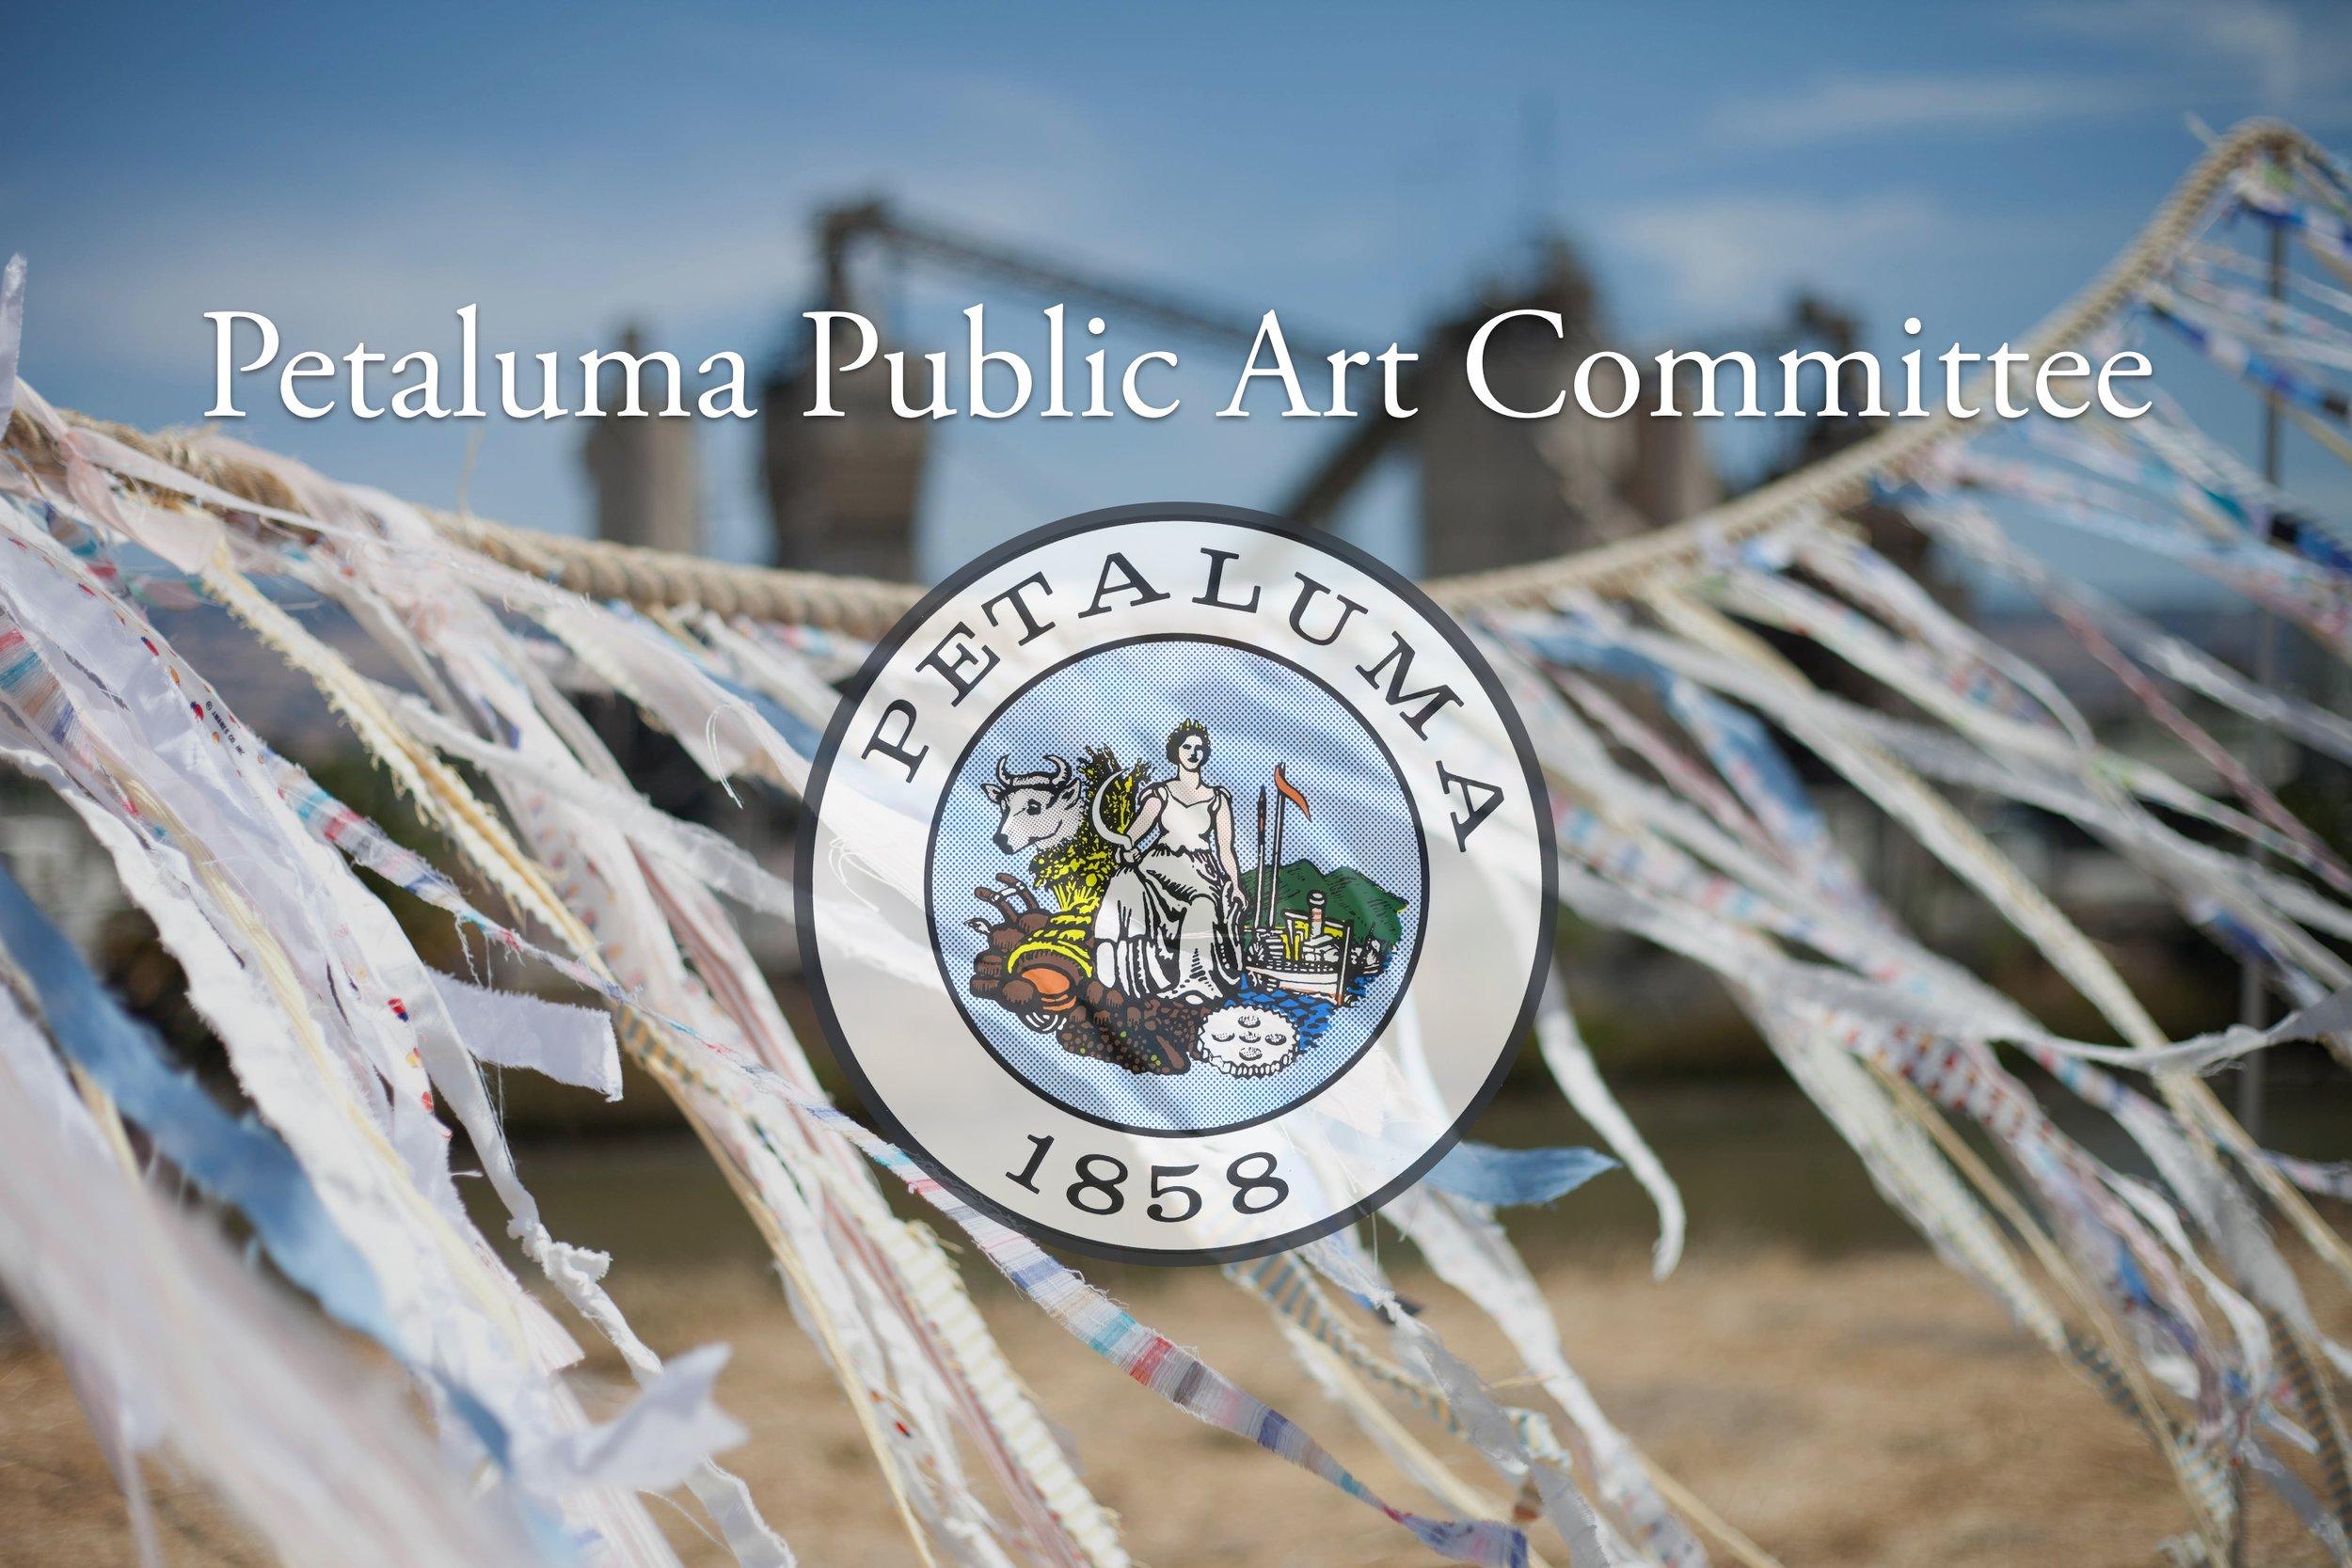 Petaluma Public Art Committee